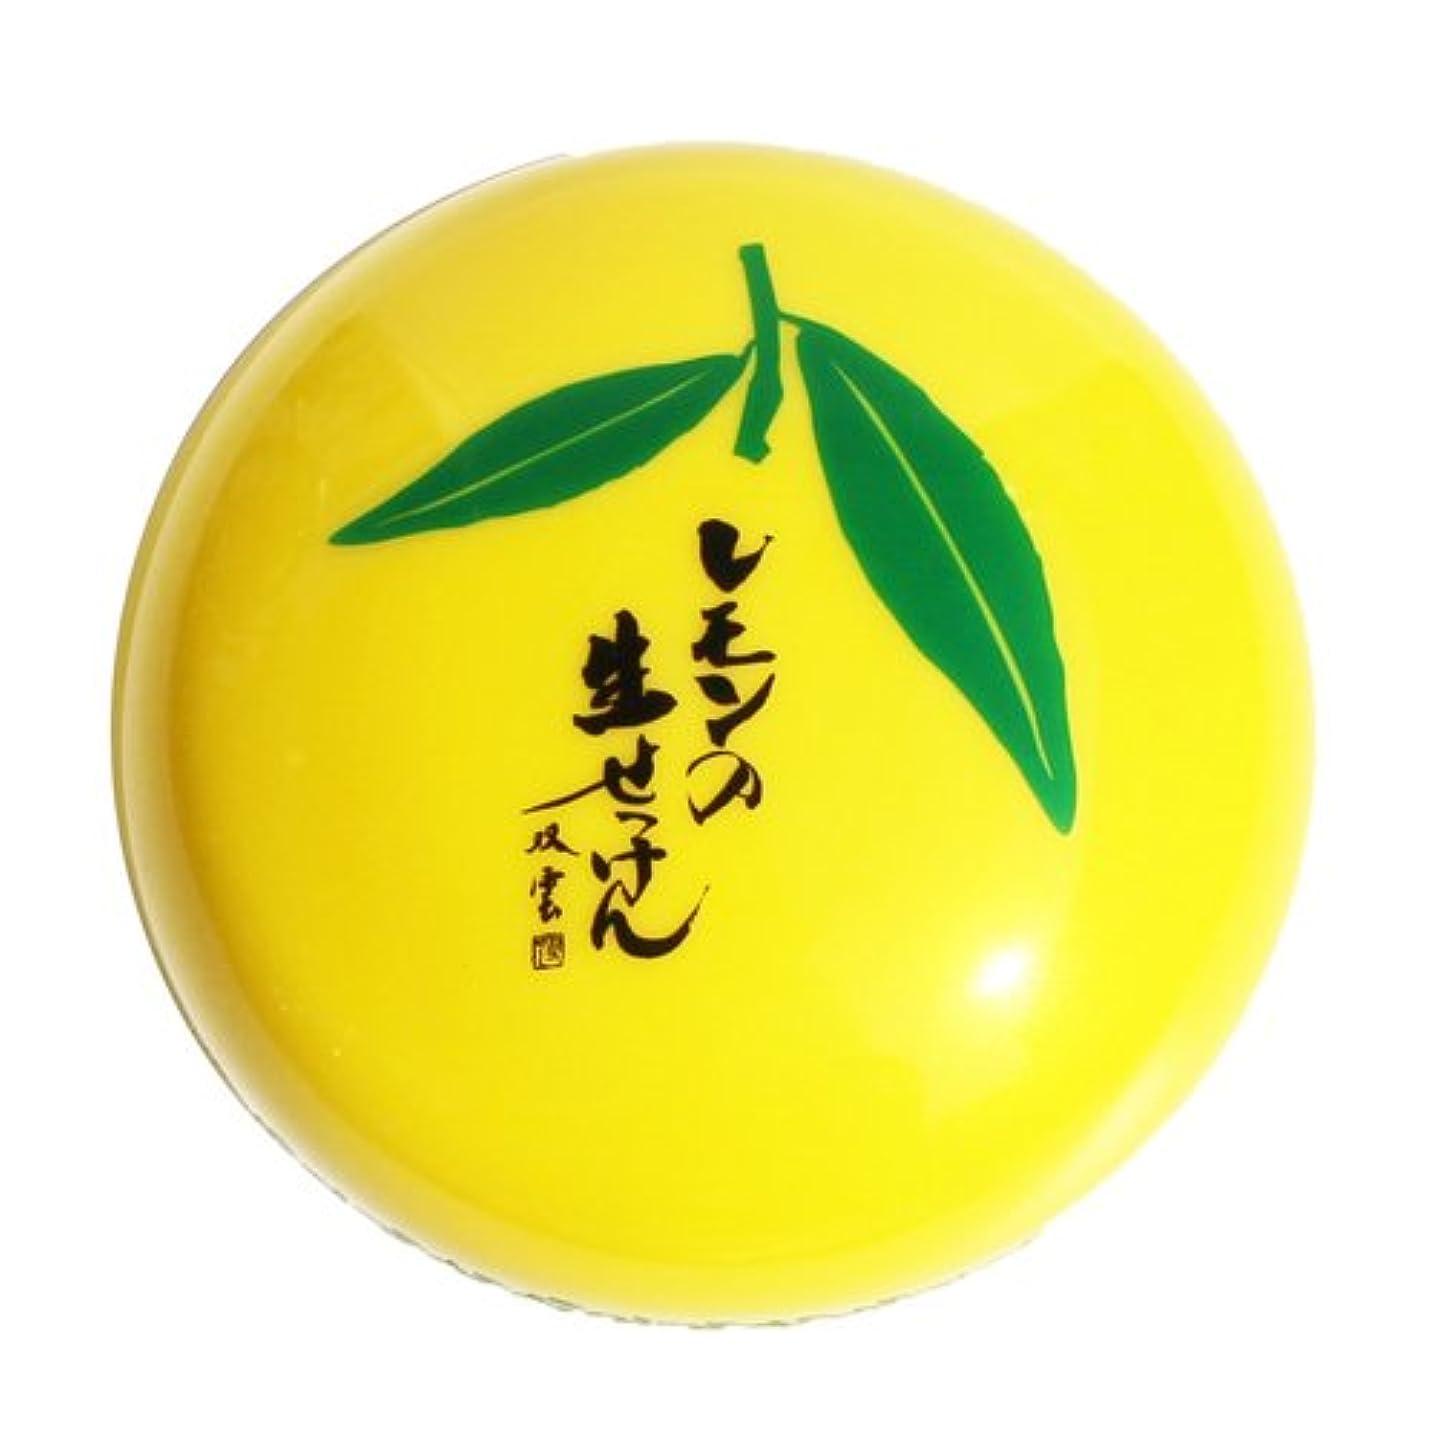 名門定数ひばり美香柑 レモンの生せっけん 120g